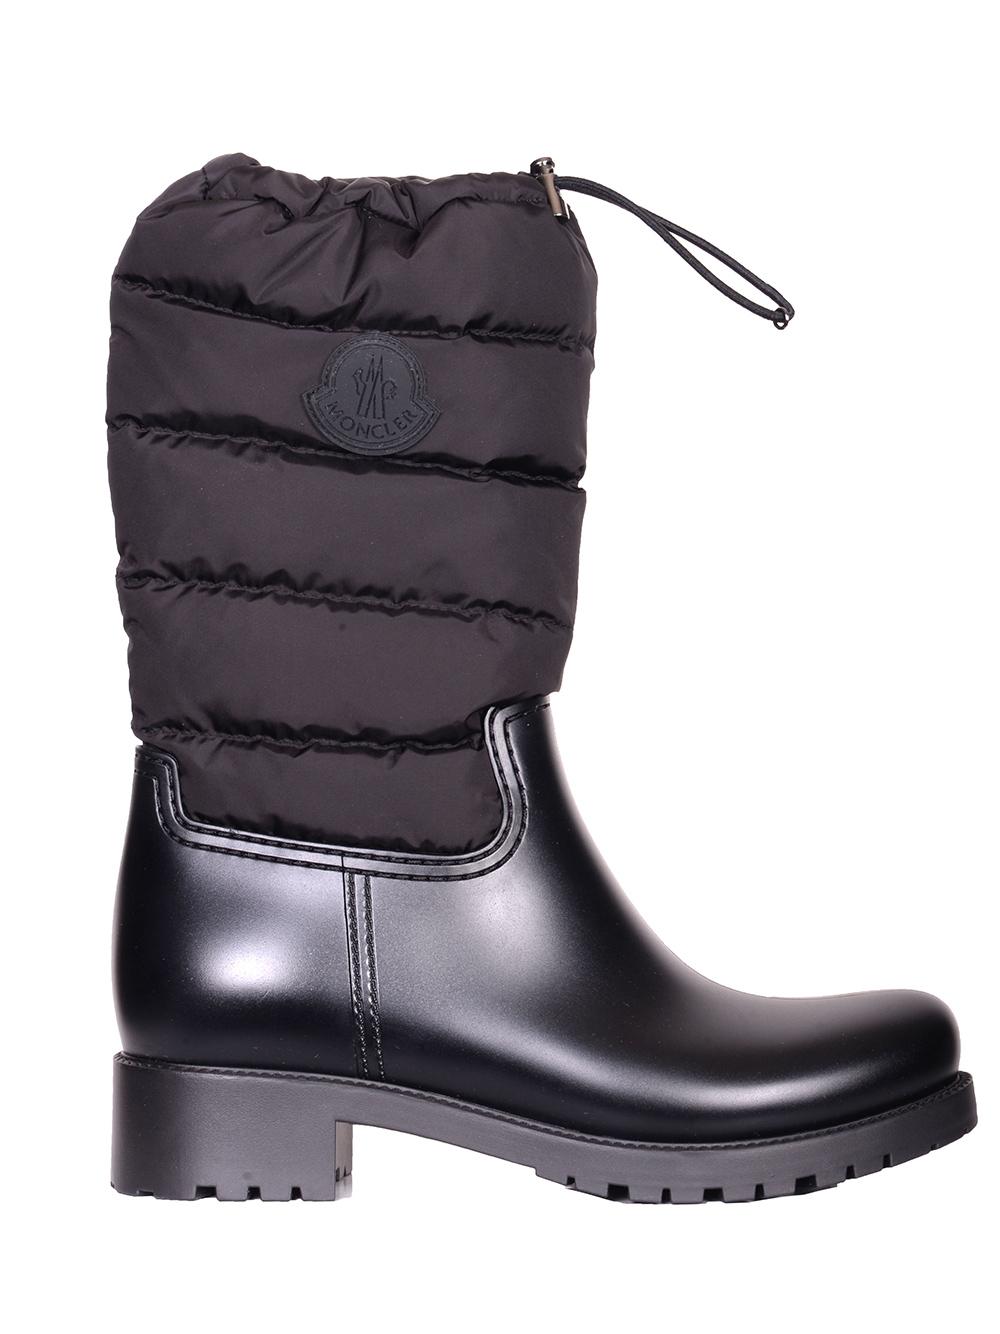 MONCLER Παπούτσια μποτάκι Ε2-09Α-202430-999 ΜΑΥΡΟ